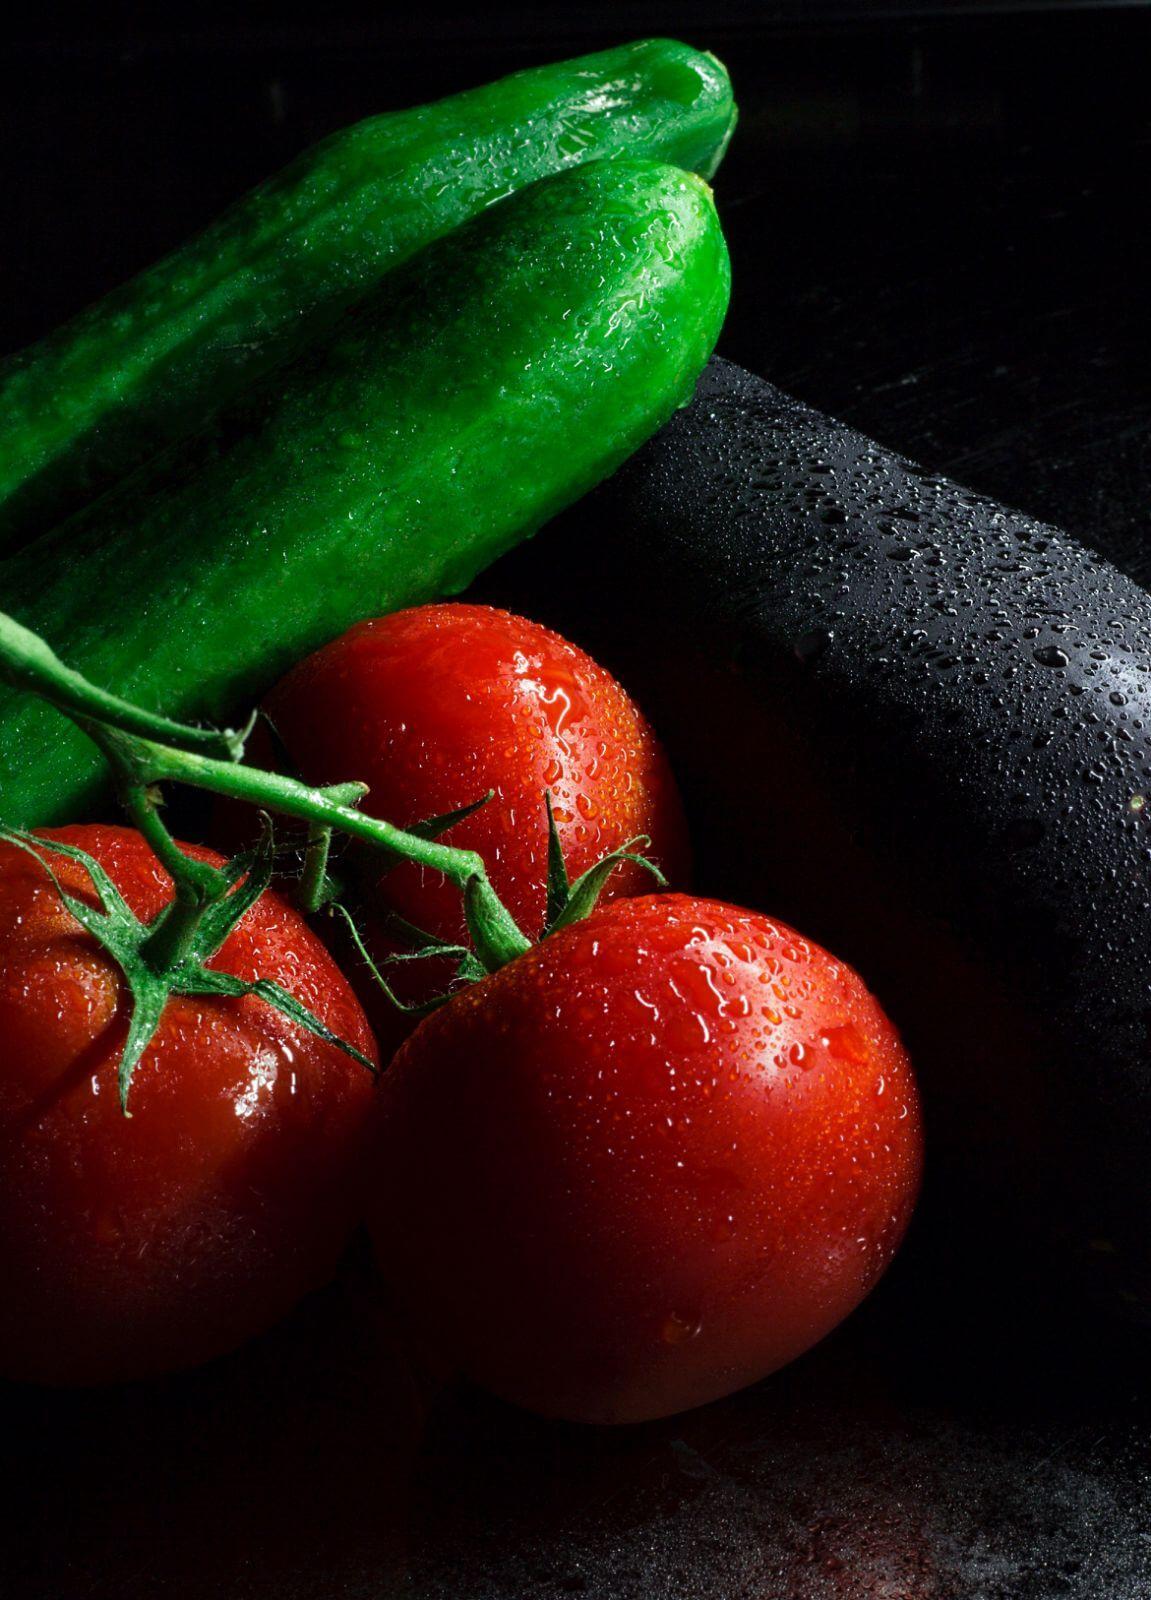 Η μεσογειακή διατροφή ως παράγοντας ευζωίας και γονιμότητας